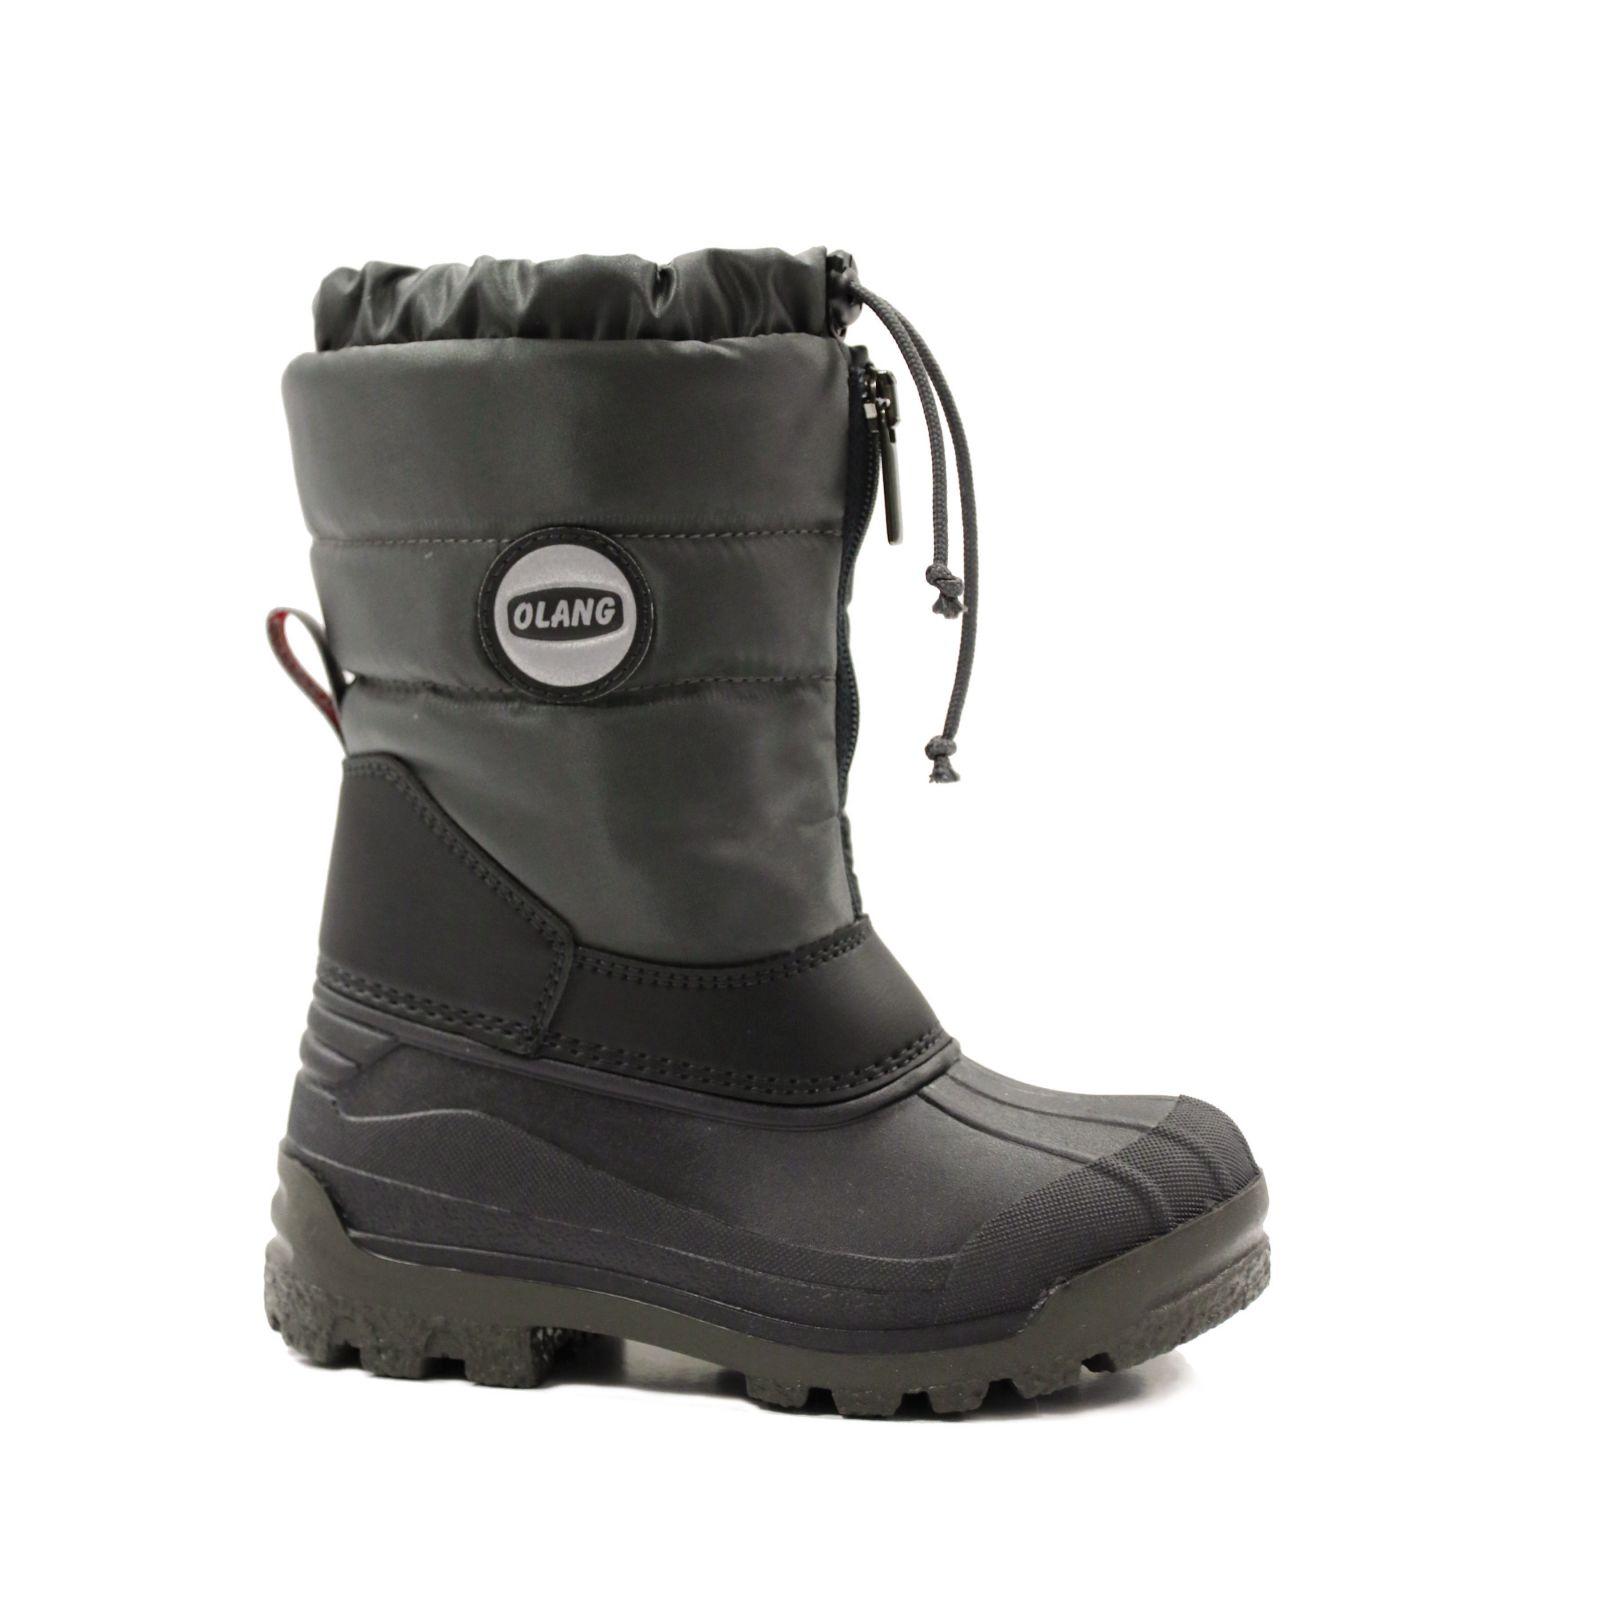 Olang Volpe Antracite zimní obuv